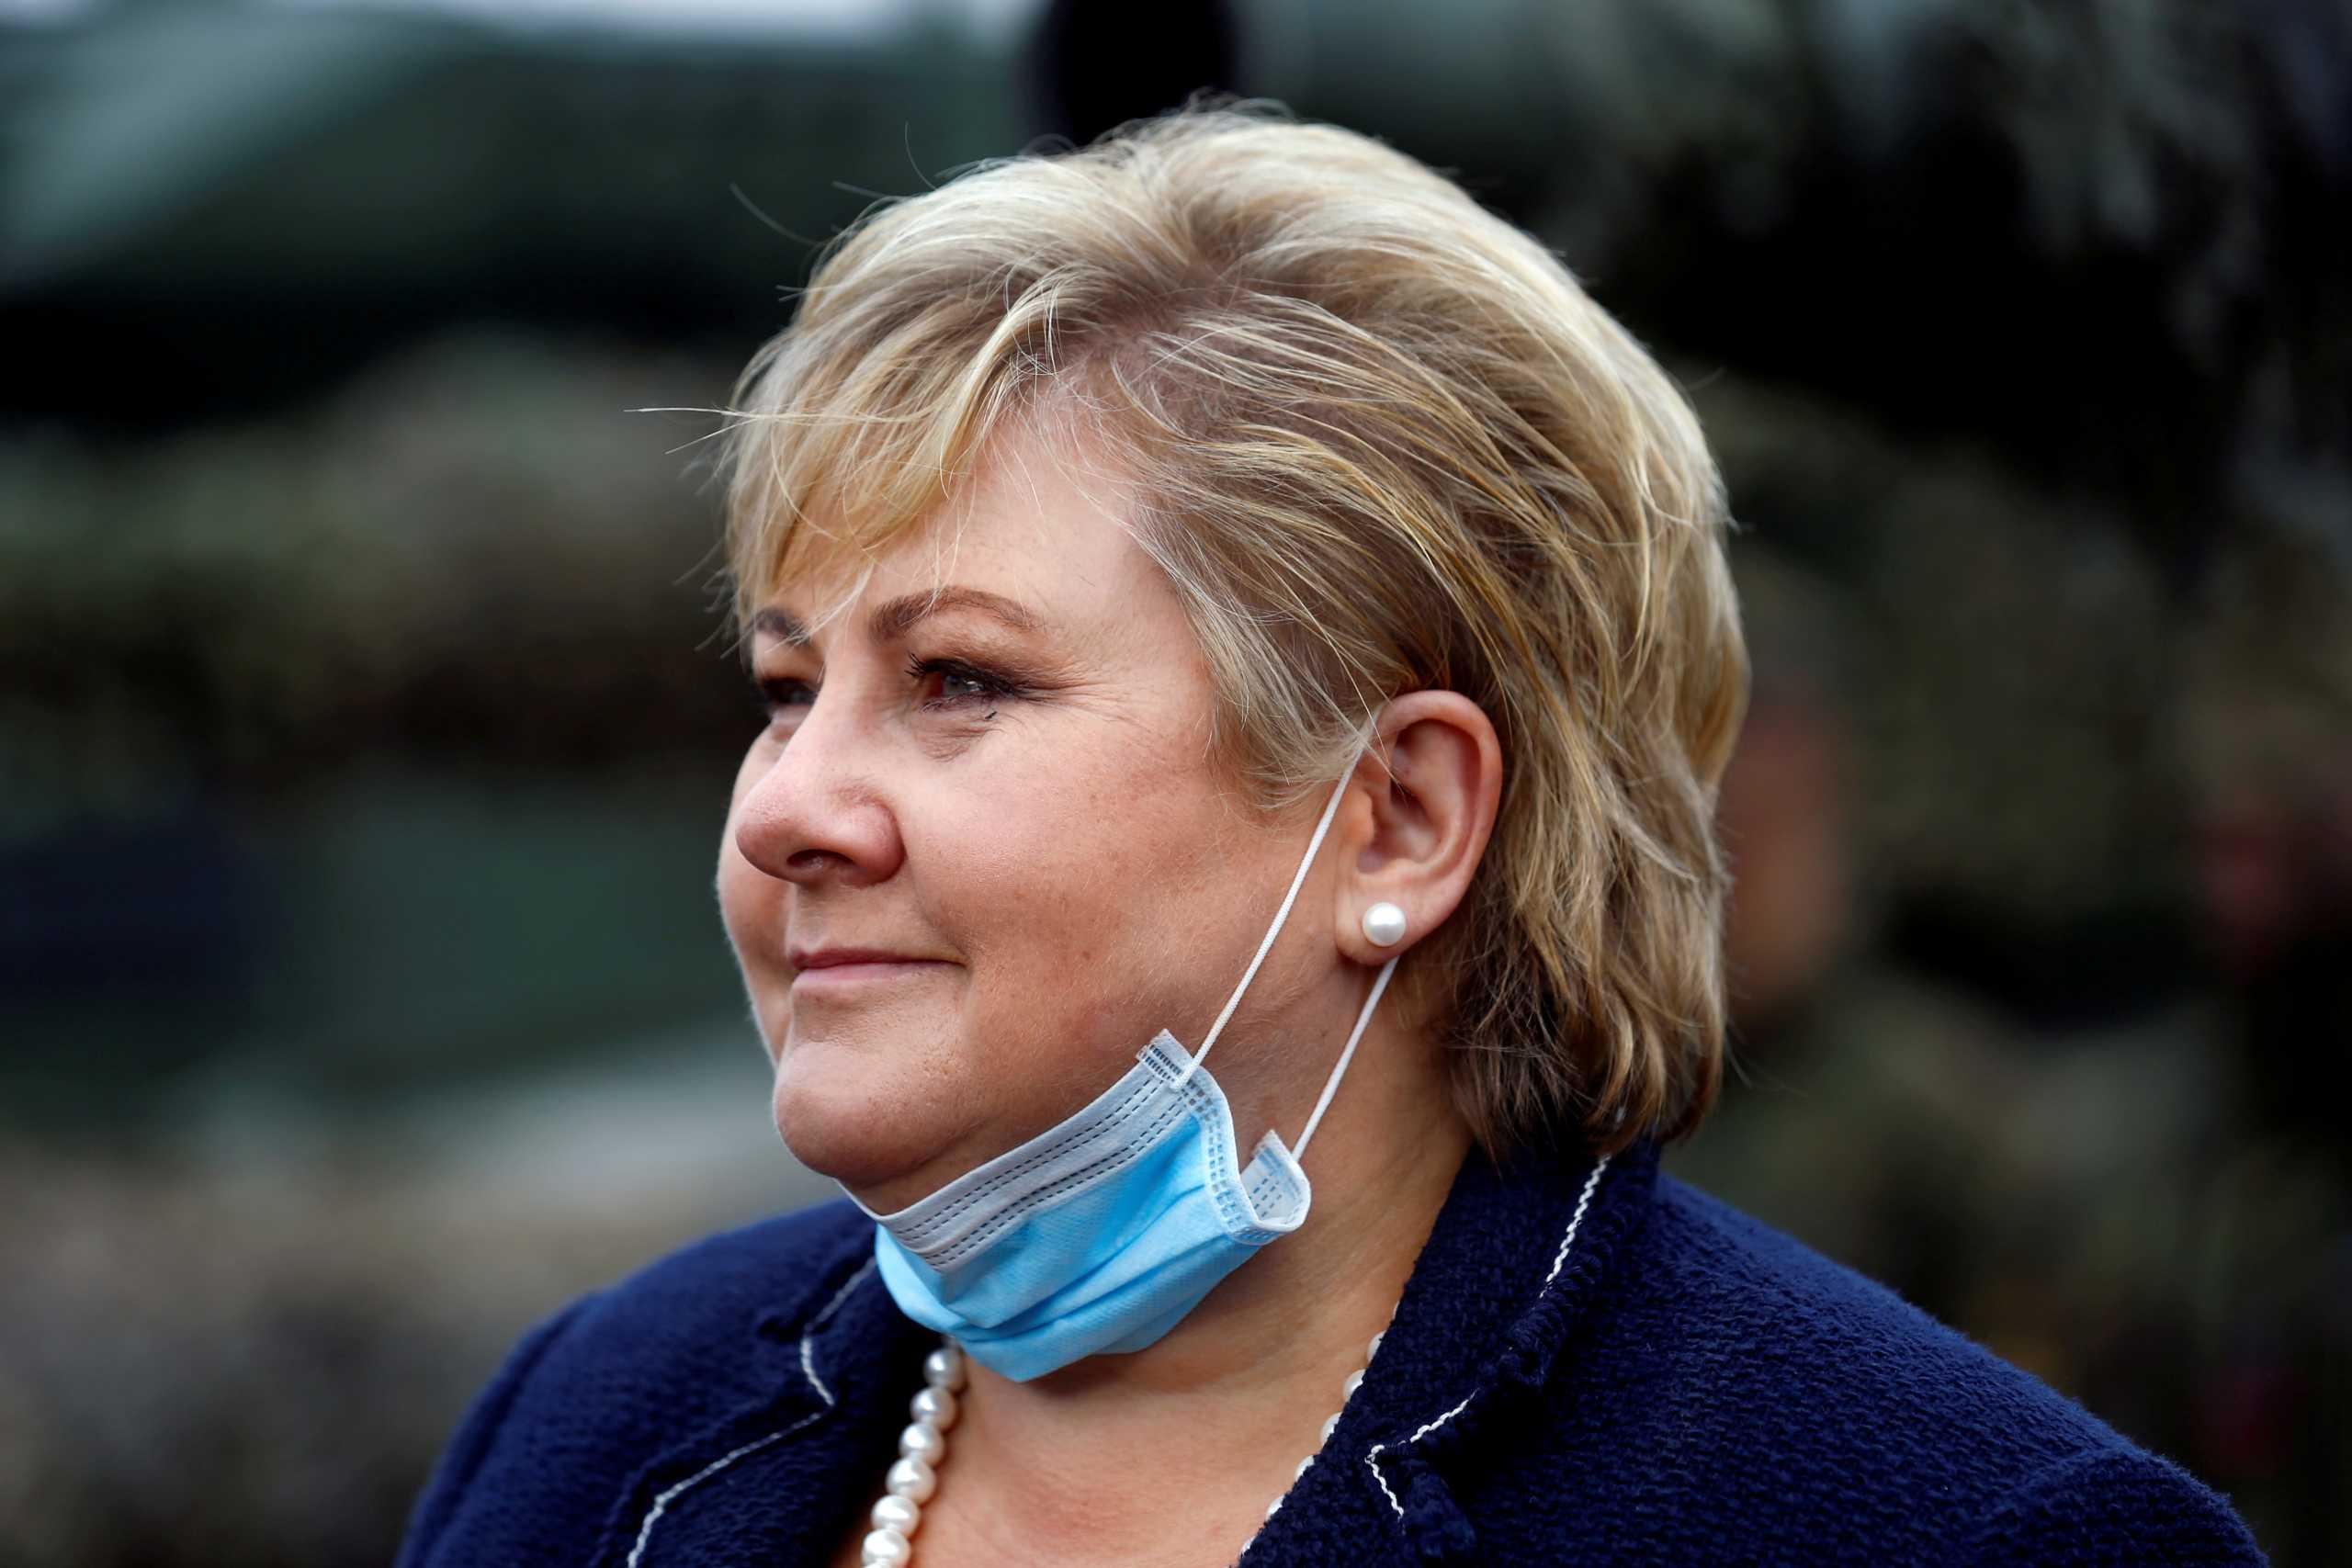 Η πρωθυπουργός της Νορβηγίας έκανε κορονο-πάρτι για τα γενέθλιά της και το πληρώνει